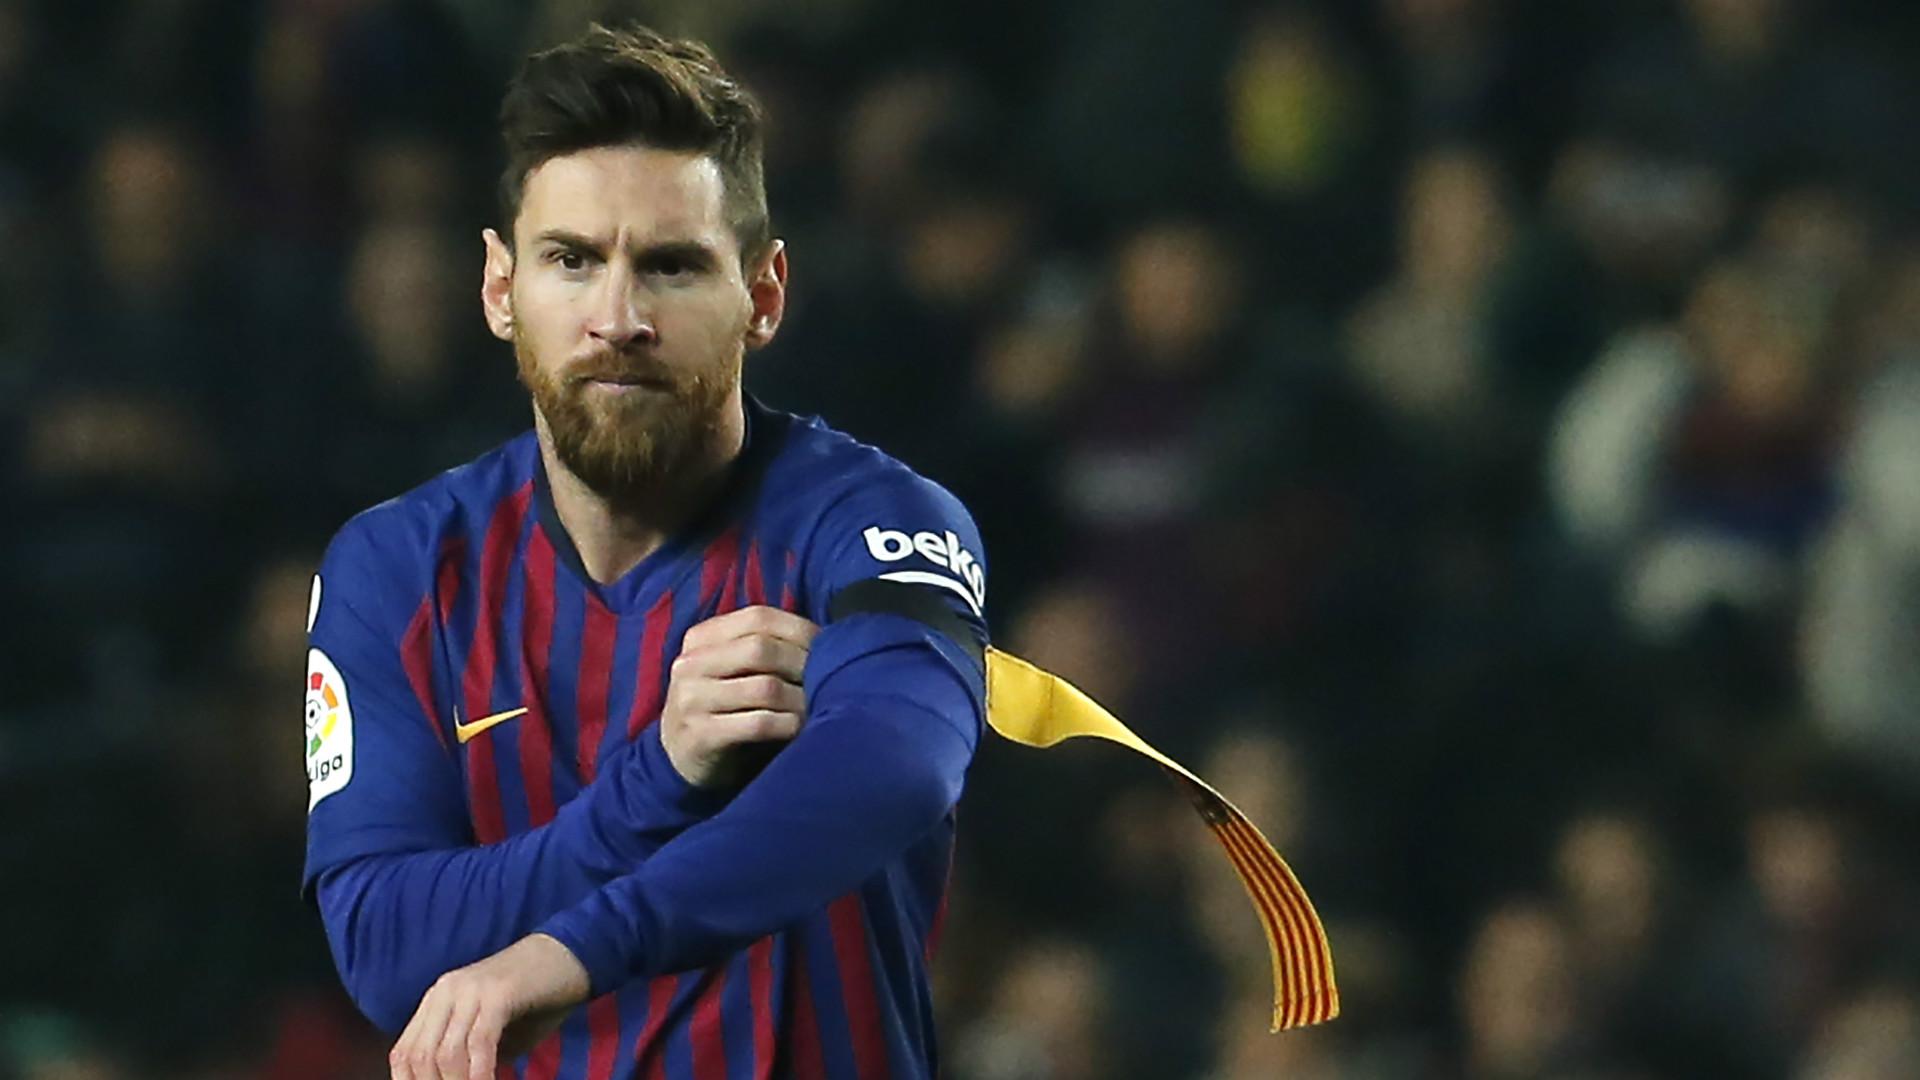 Medio francés revela los 10 sueldos top de los futbolistas en Europa